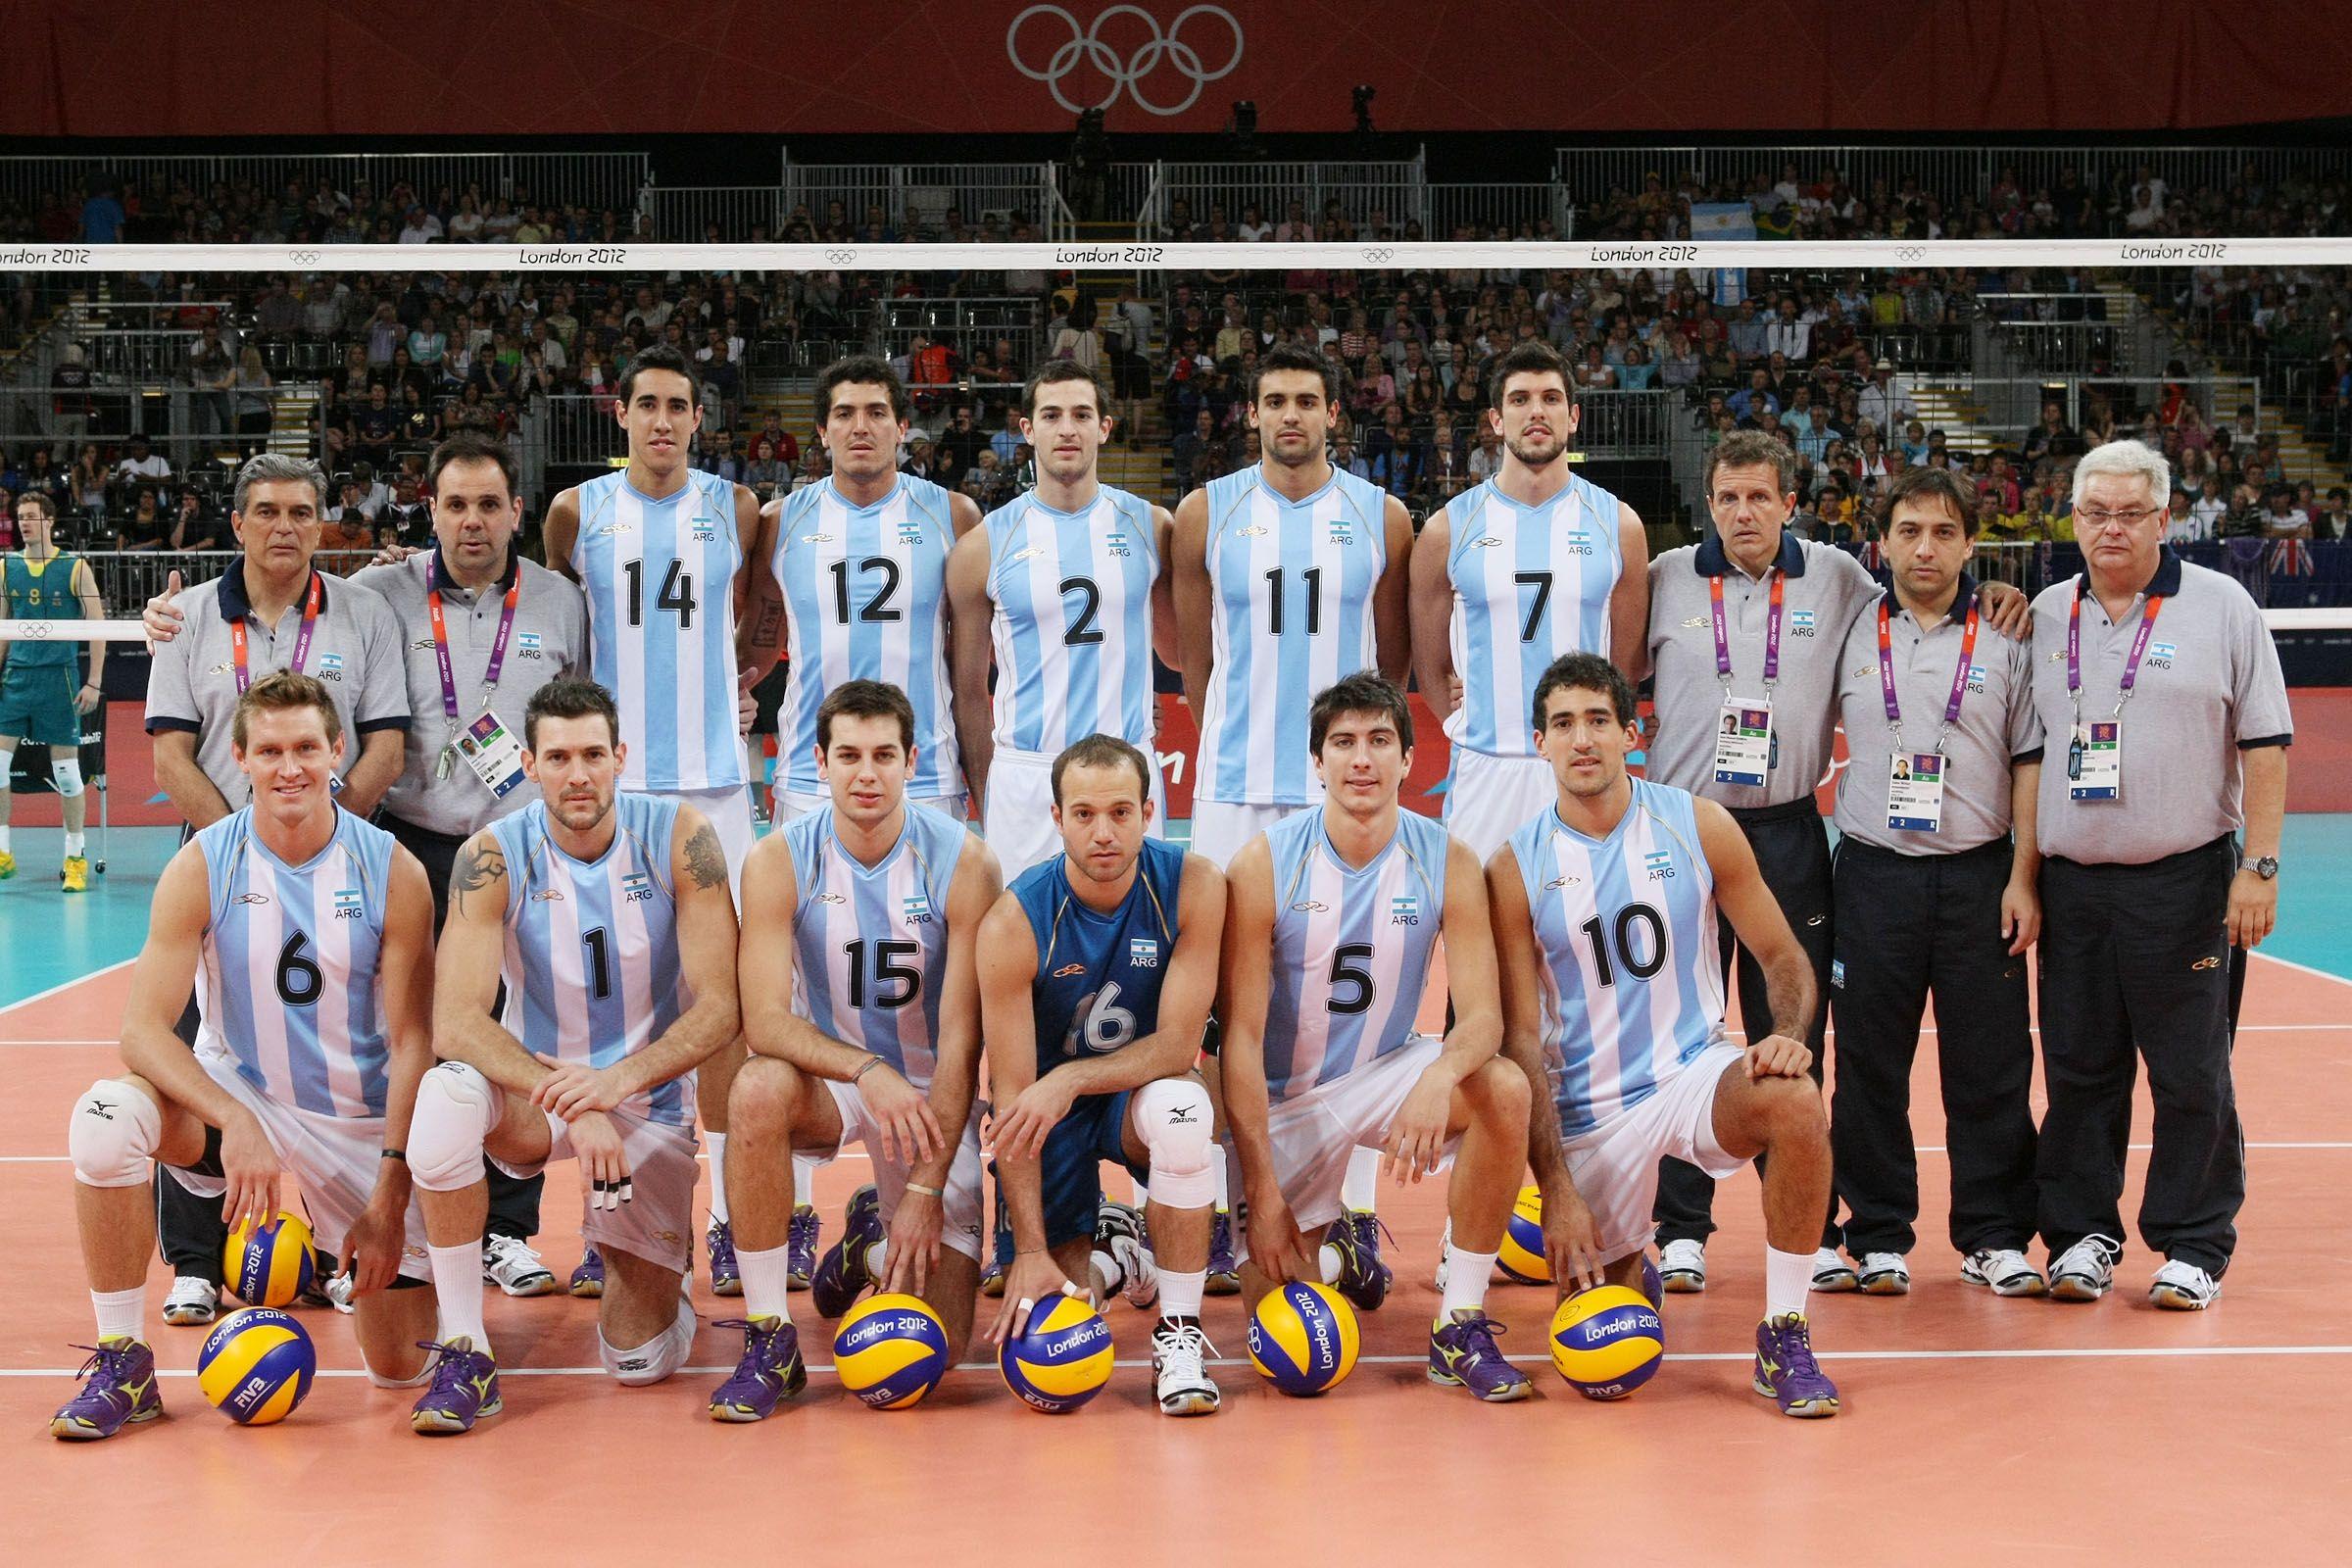 Estos Jugadores Son En El Equipo De Voleibol De Argentina Olympic Volleyball Volleyball Team Volleyball